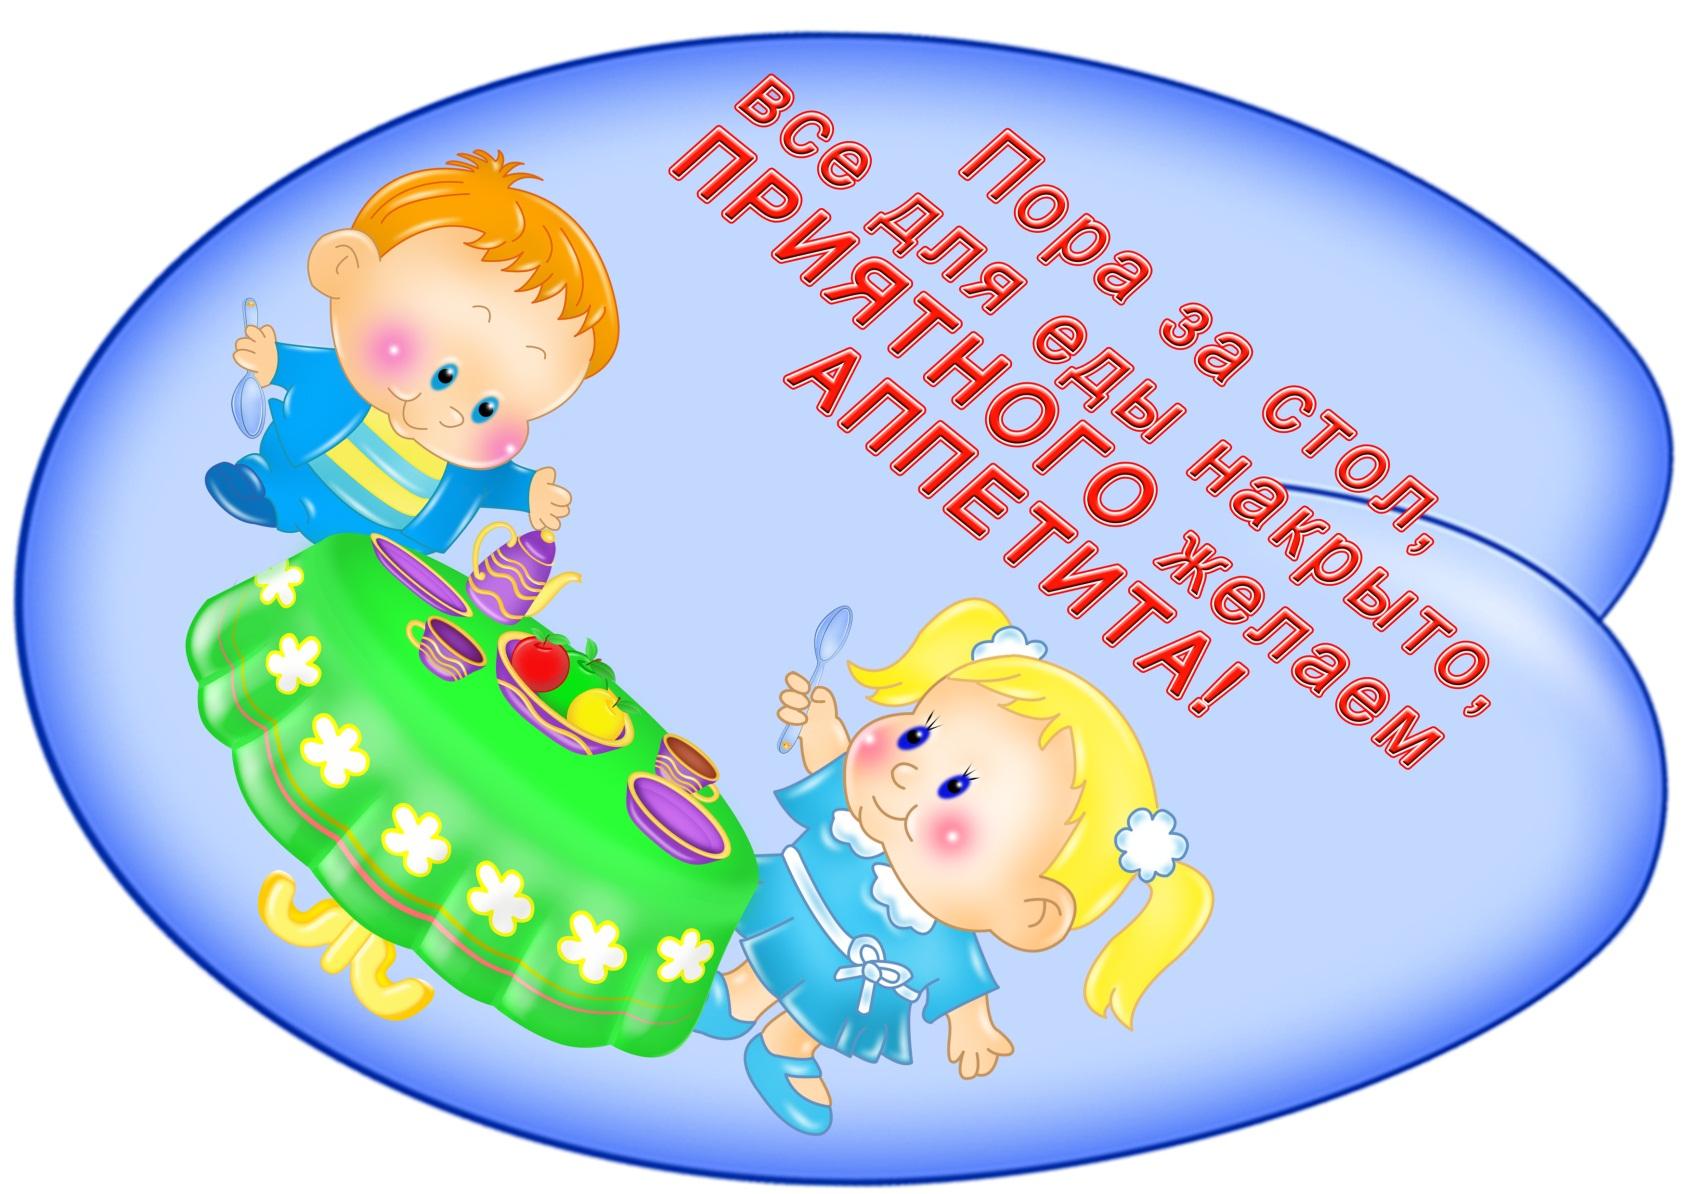 Картинки познавательные с надписями для старших детей